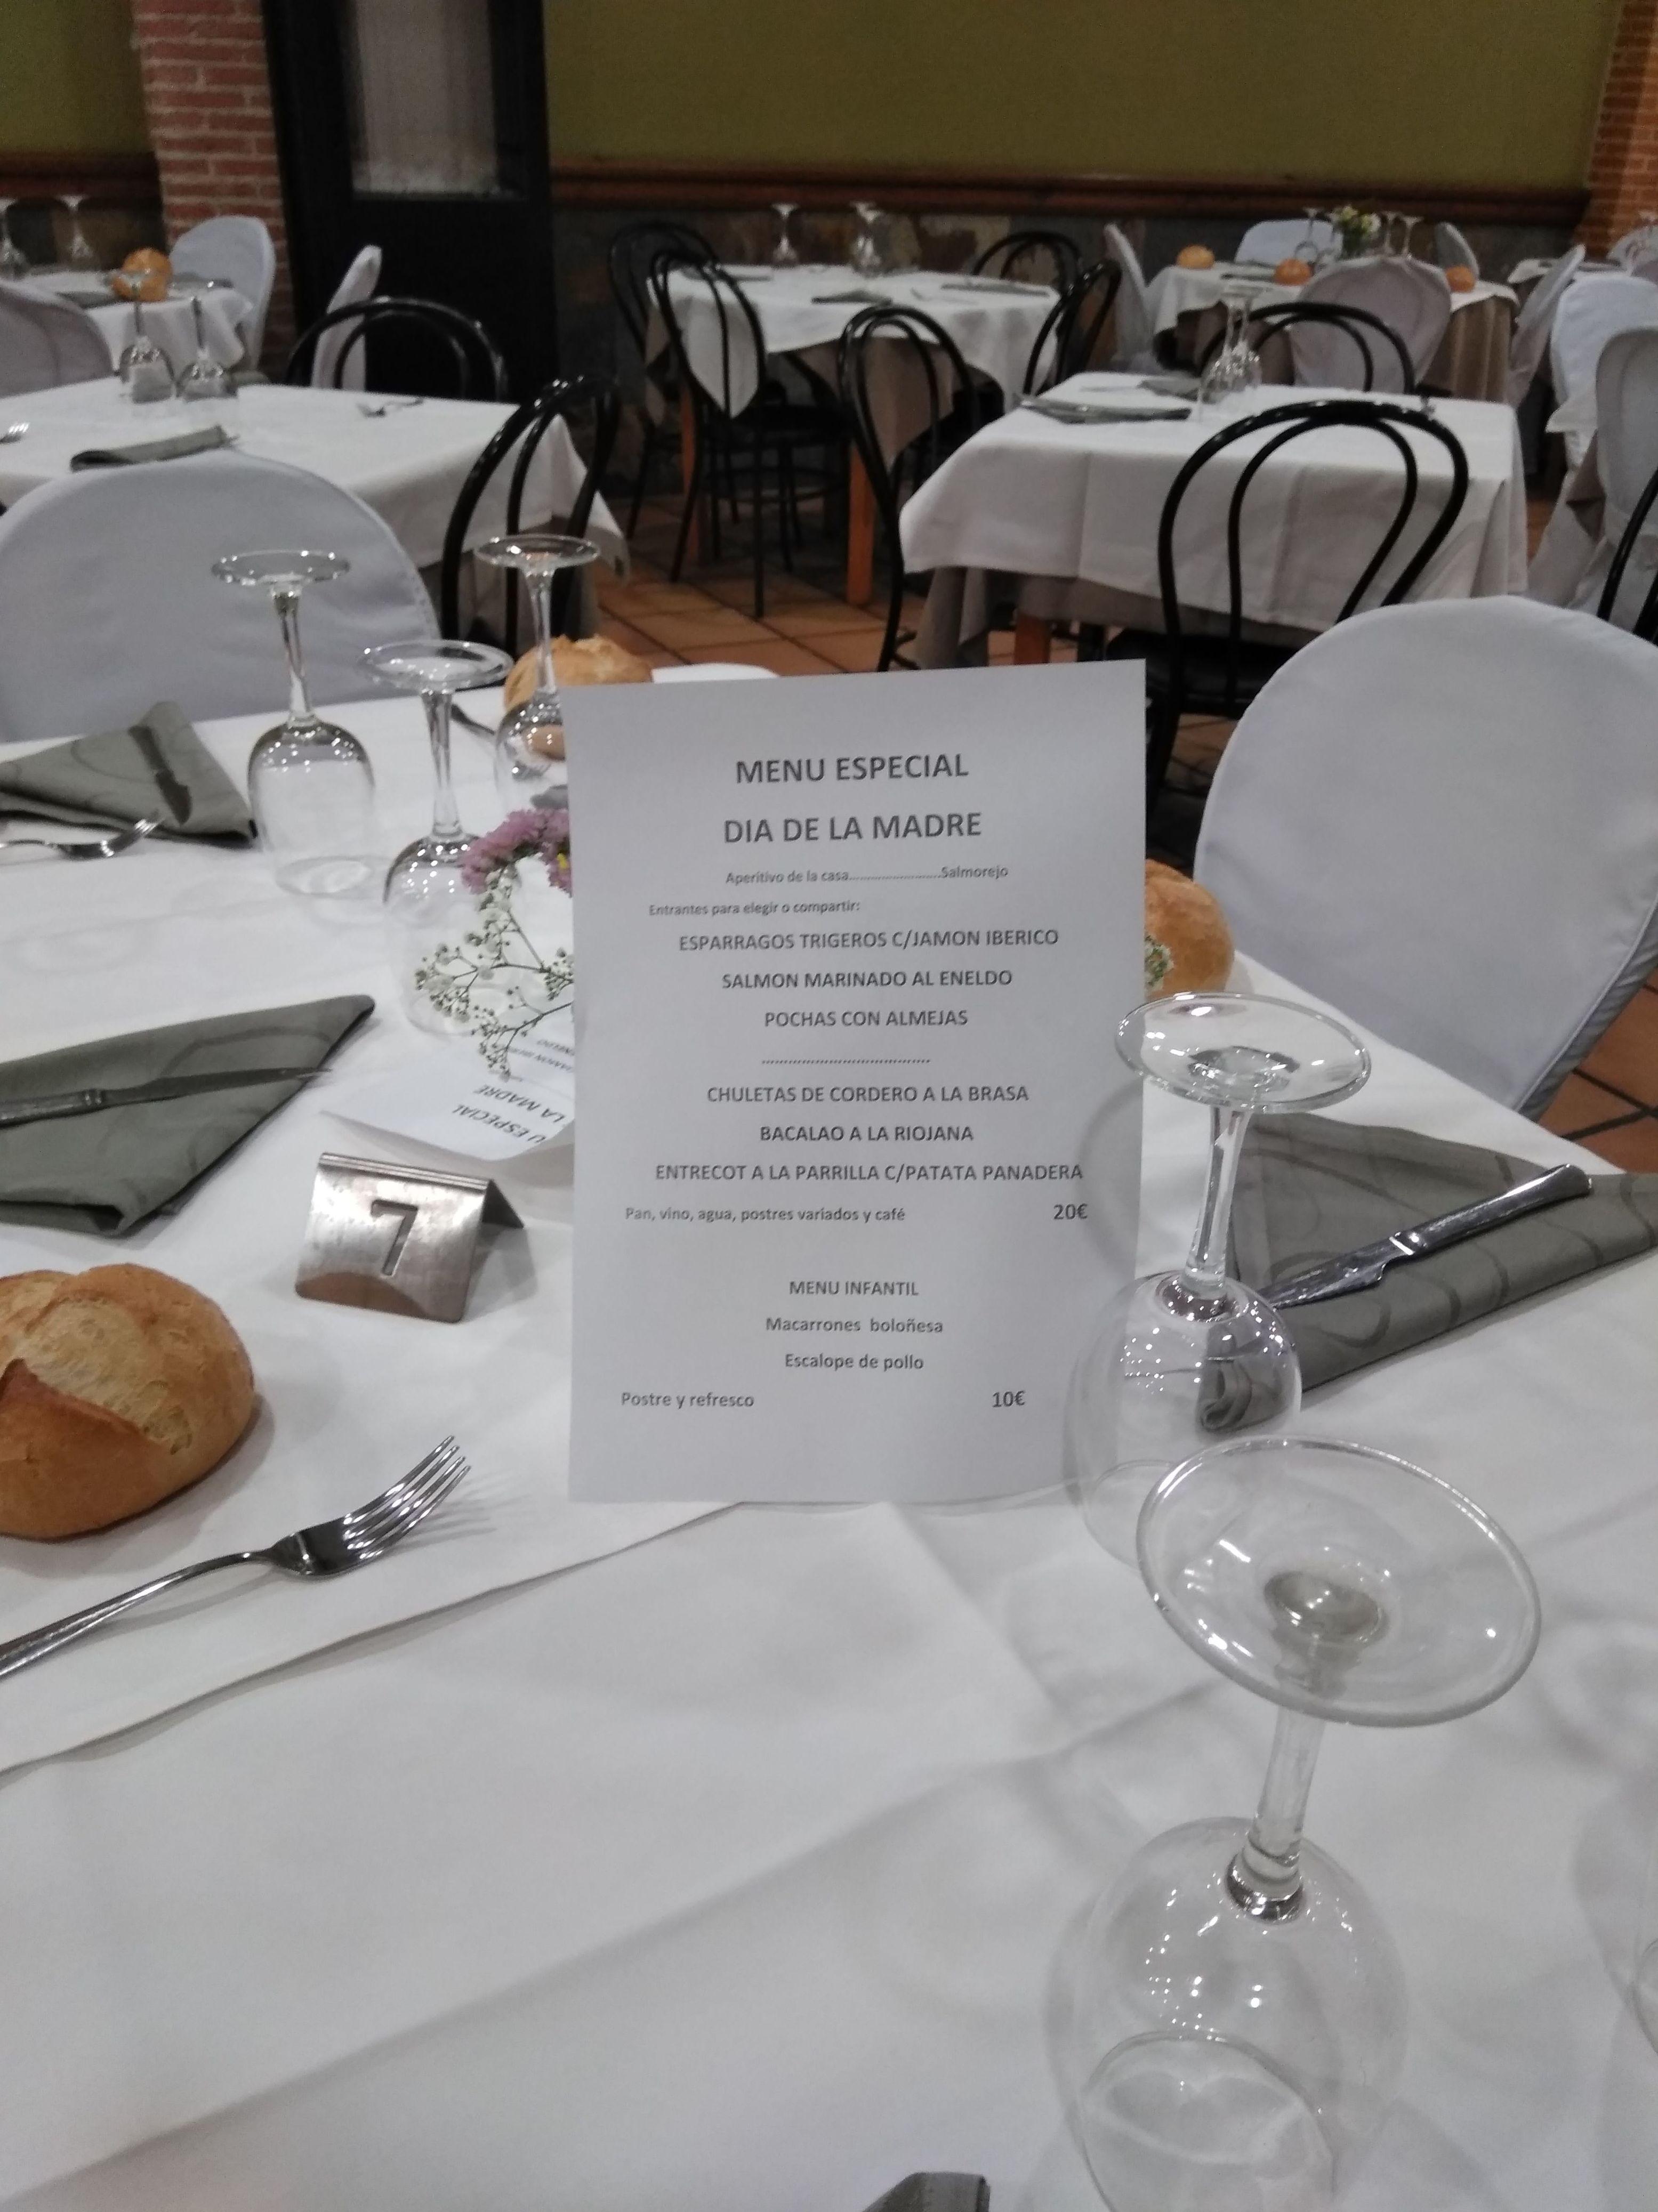 Foto 38 de Cocina castellana en Madrid | Restaurante Gonzalo